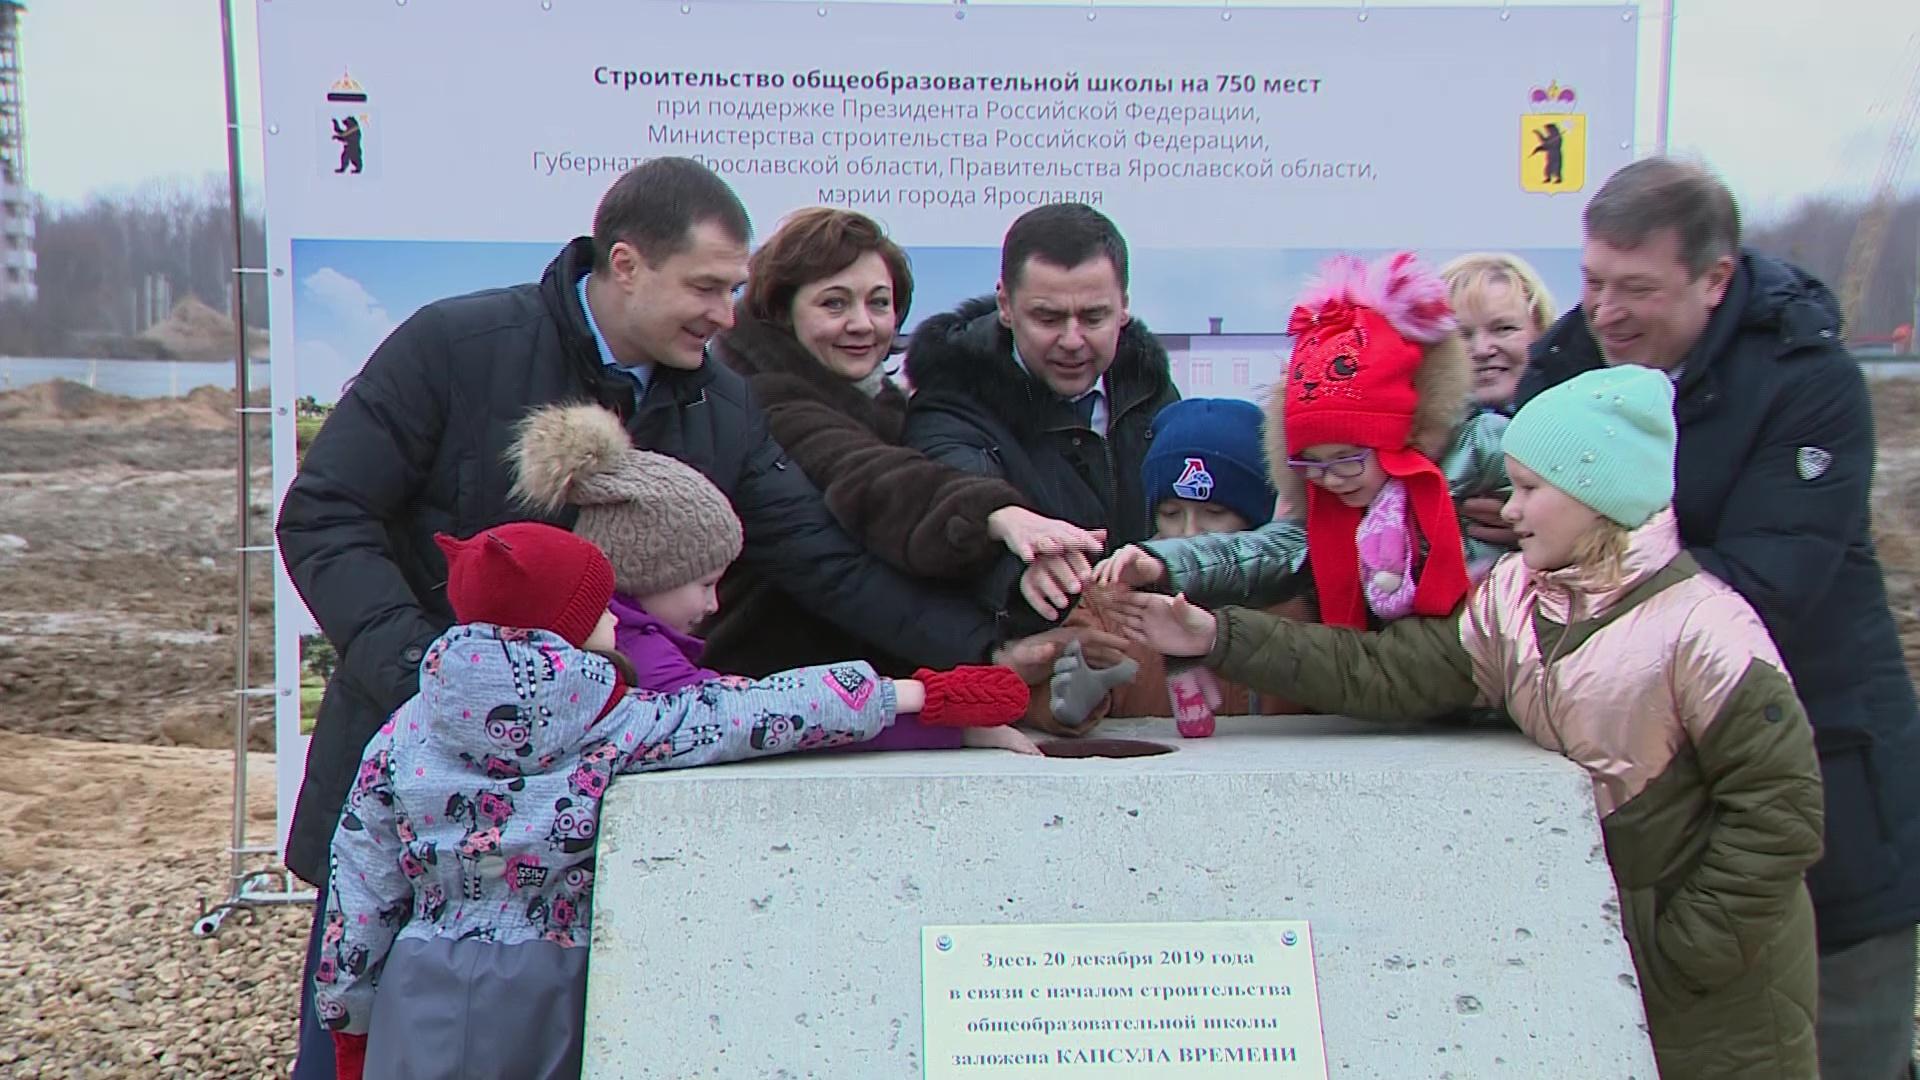 Дмитрий Миронов заложил капсулу времени на месте строительства школы в микрорайоне Сокол